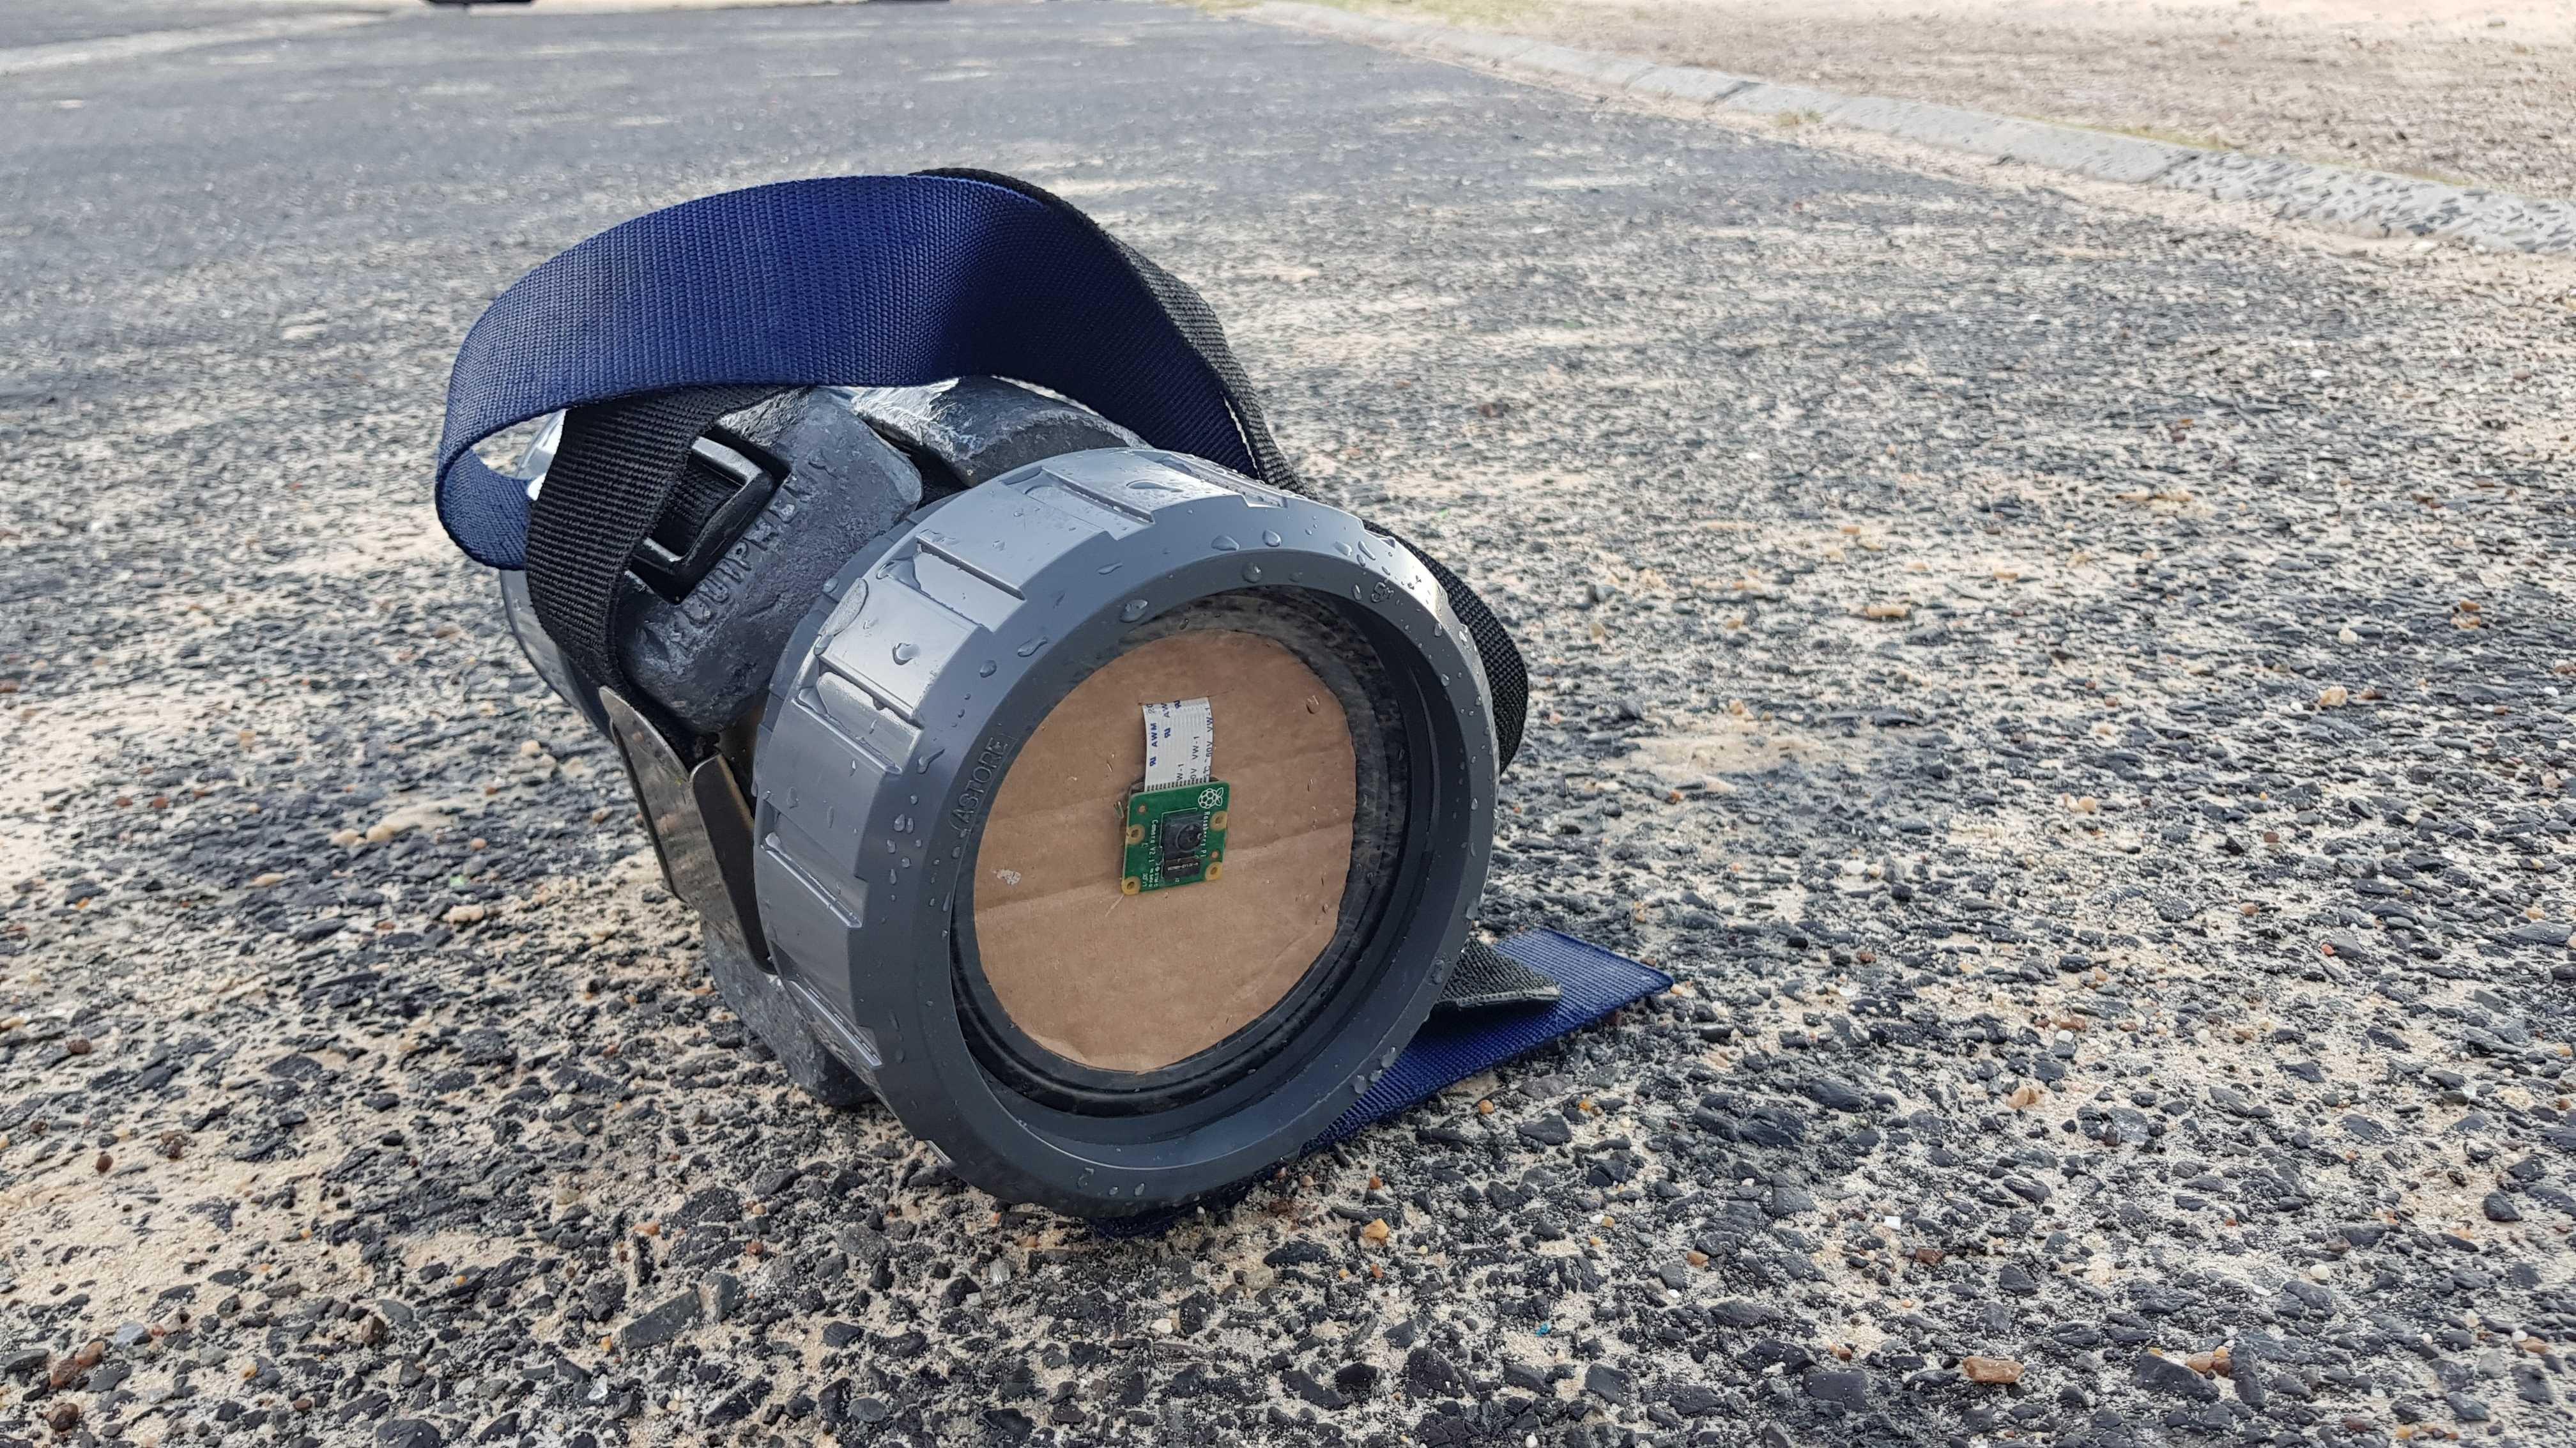 Auf einem steinigen Boden liegt ein Gerät, das an eine Taschenlampe erinnert. Vorn ist allerdings eine grüne Platine auf einem Stück Pappe befestigt.